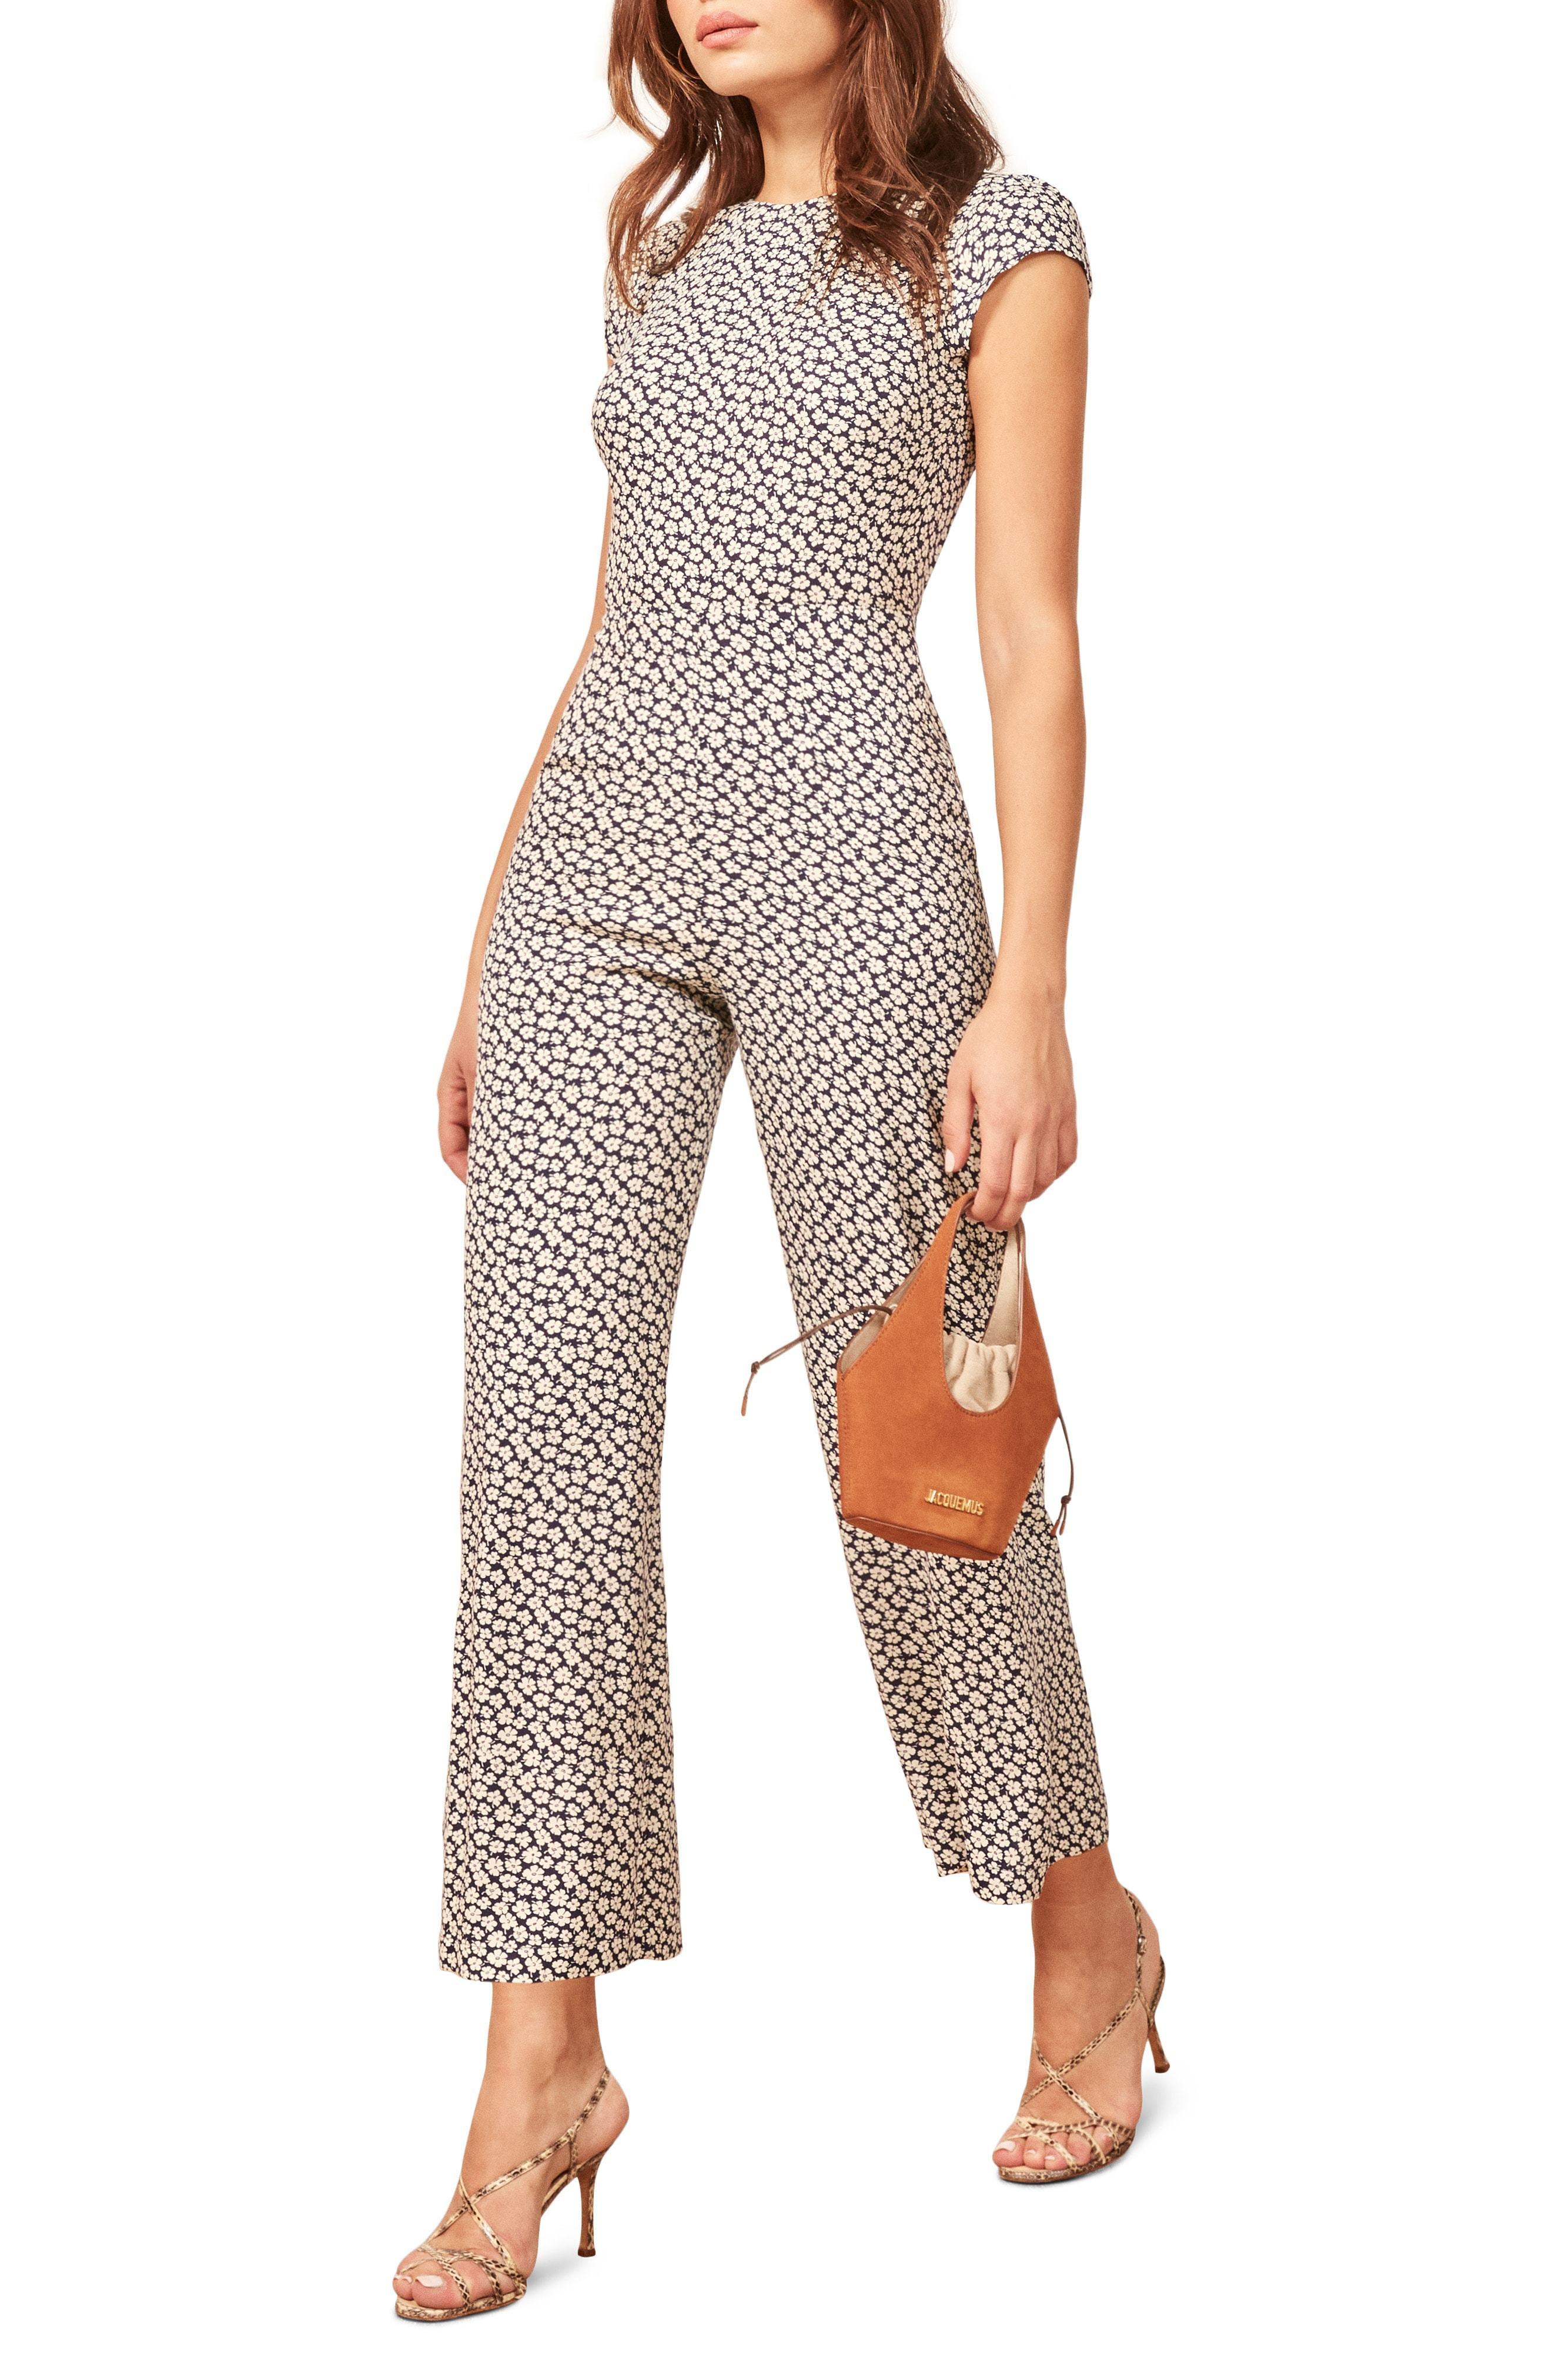 4d8c5c4f151 Mayer Jumpsuit. Tan Print Jumpsuit by Reformation · Buy ...